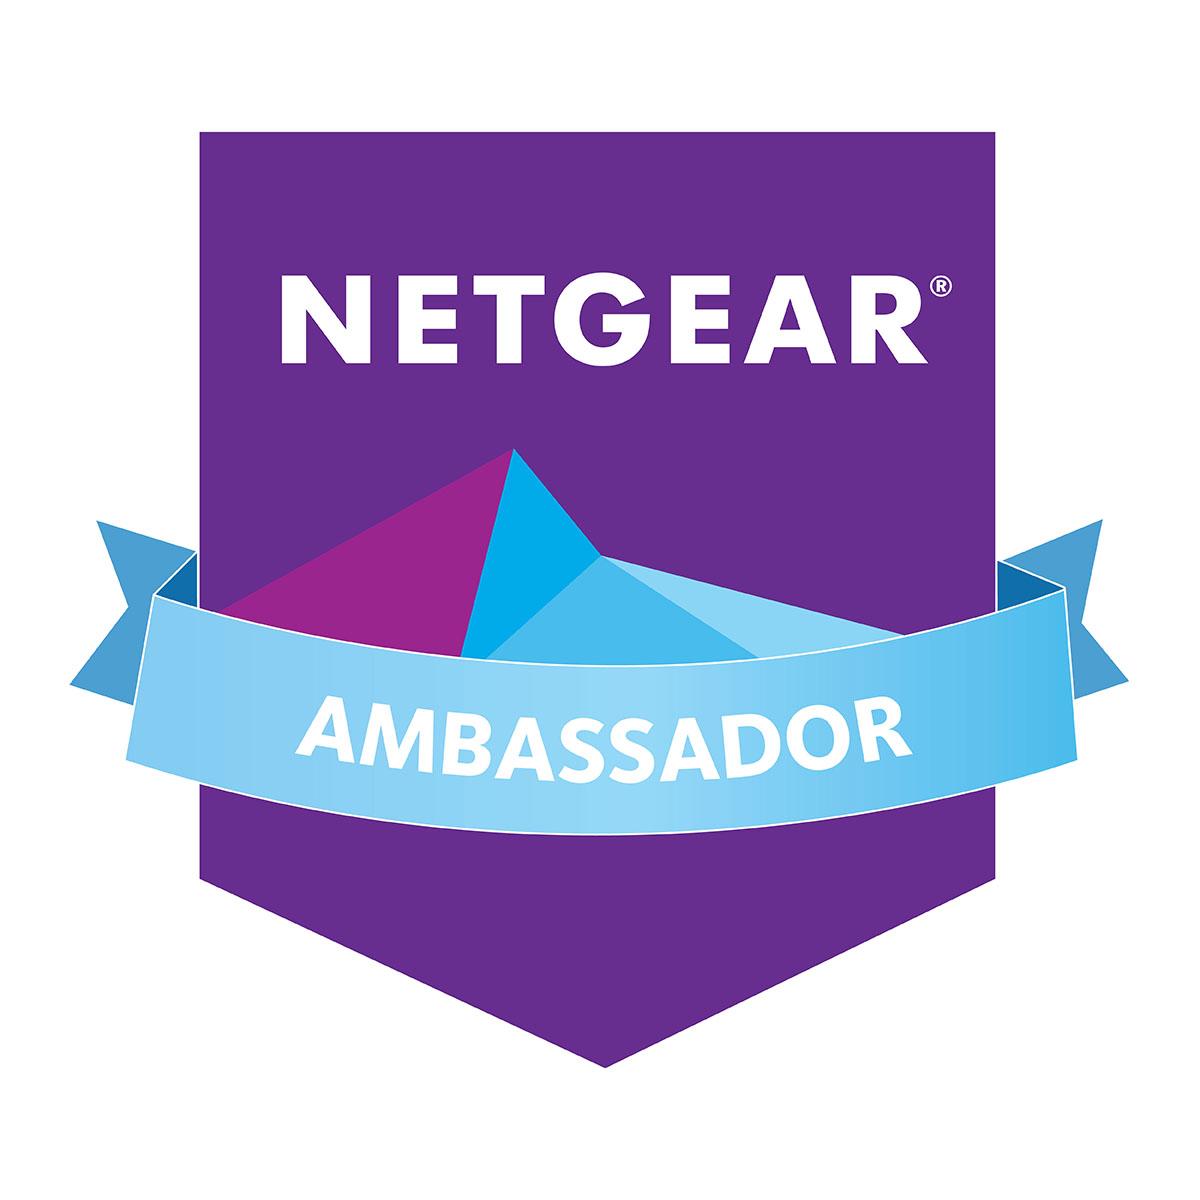 Netgear Ambassador